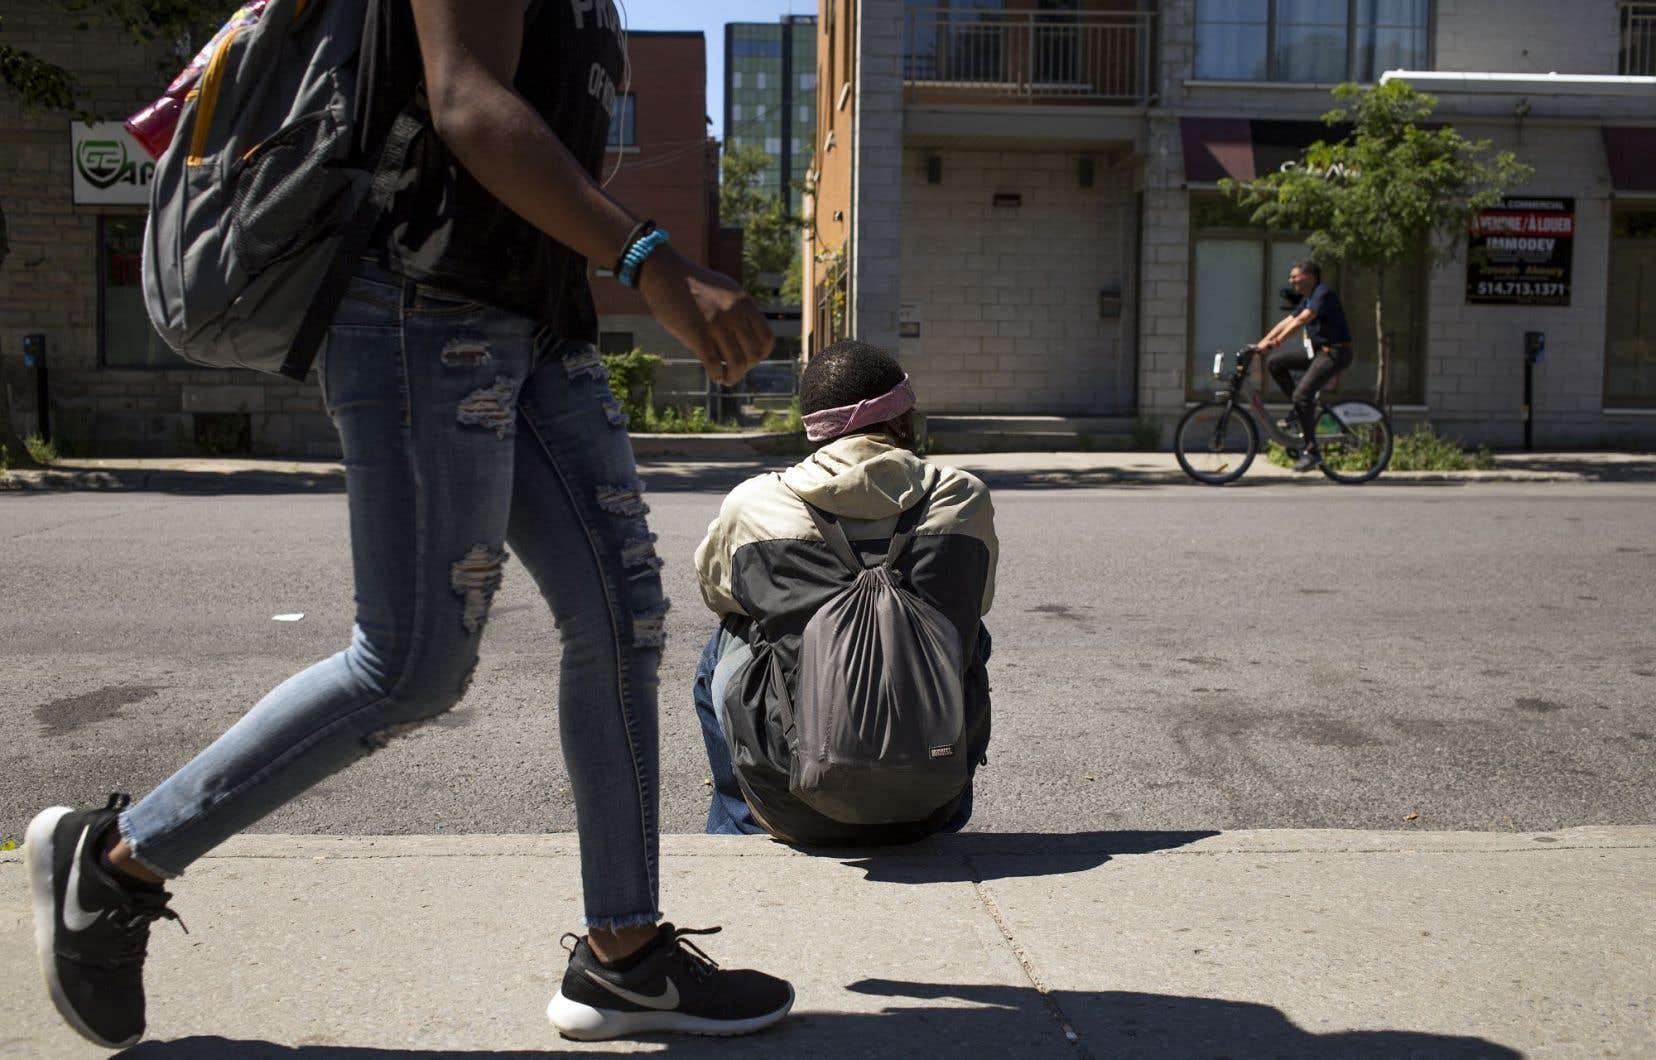 Bien que Montréal investisse davantage que les autres villes dans le soutien au logement, les besoins sont encore grands dans ce domaine.